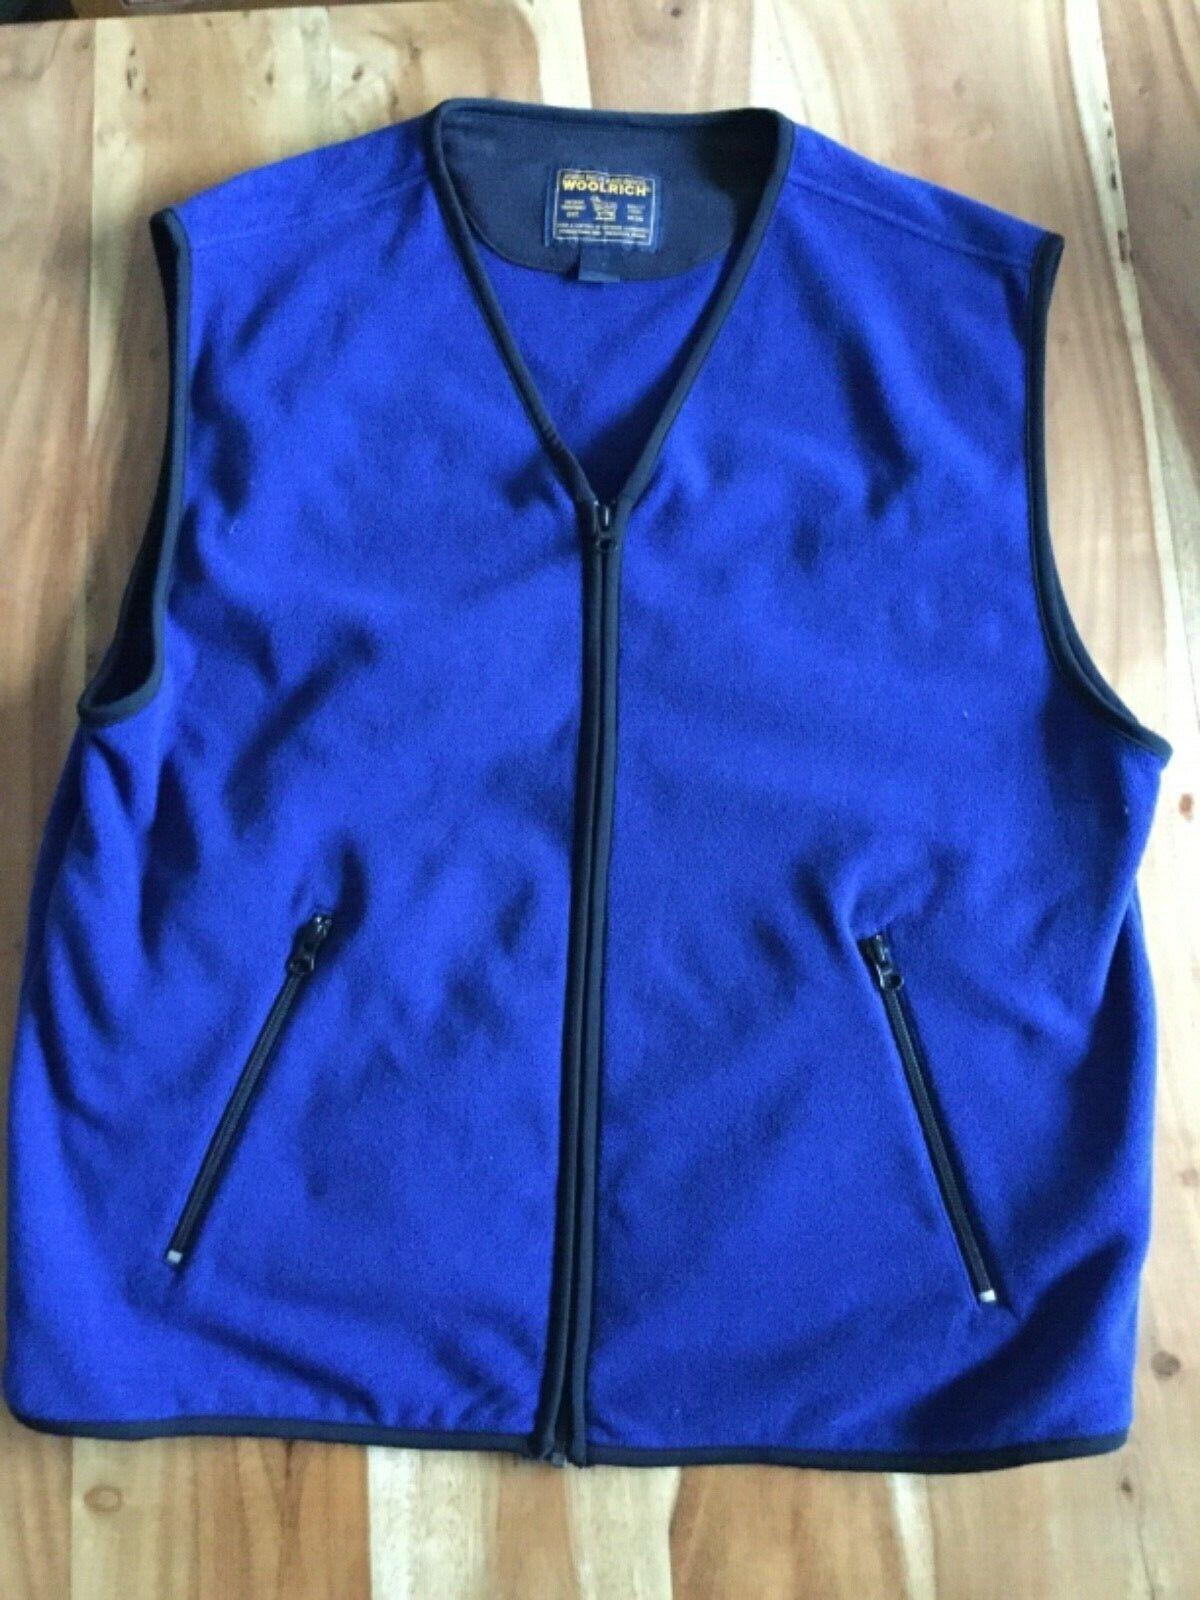 Woolrich Herren FliWeste Gr. L blau  | Up-to-date Styling